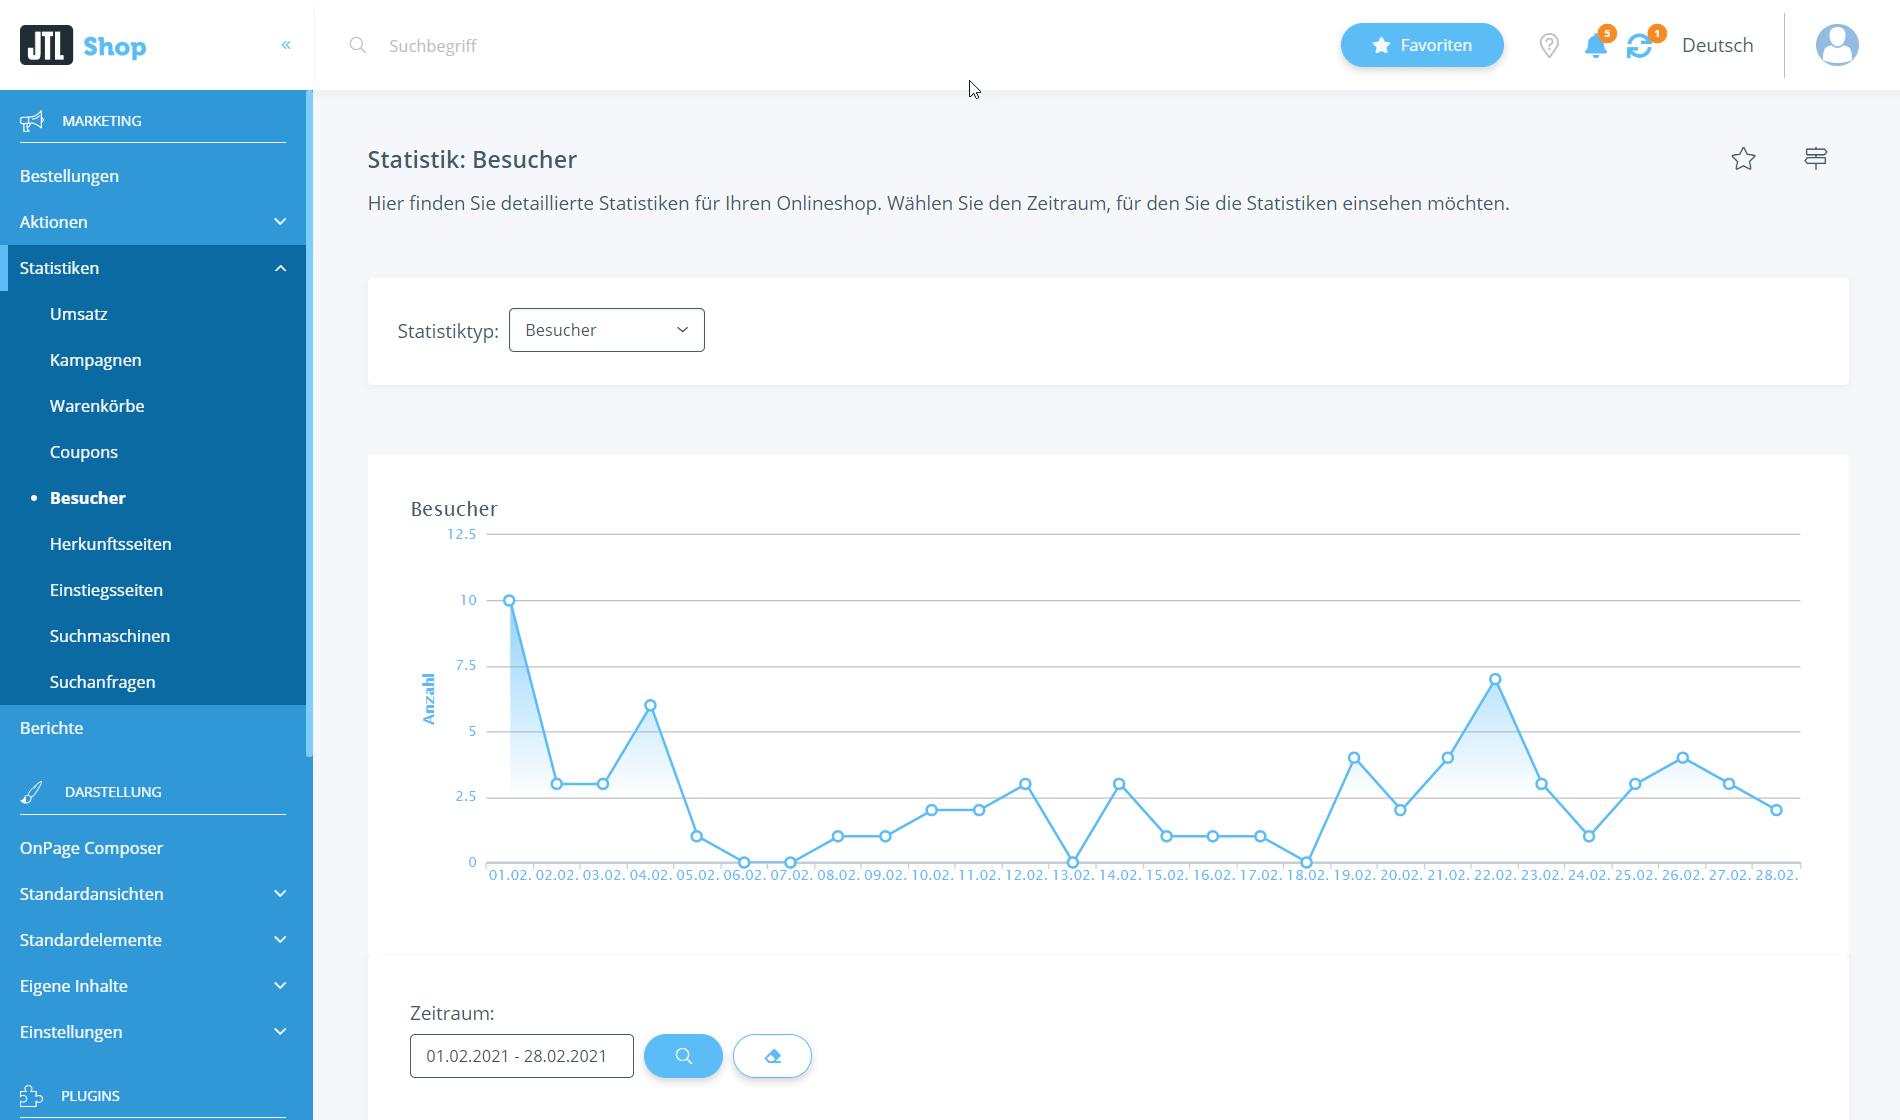 Besucherstatistik in JTL-Shop